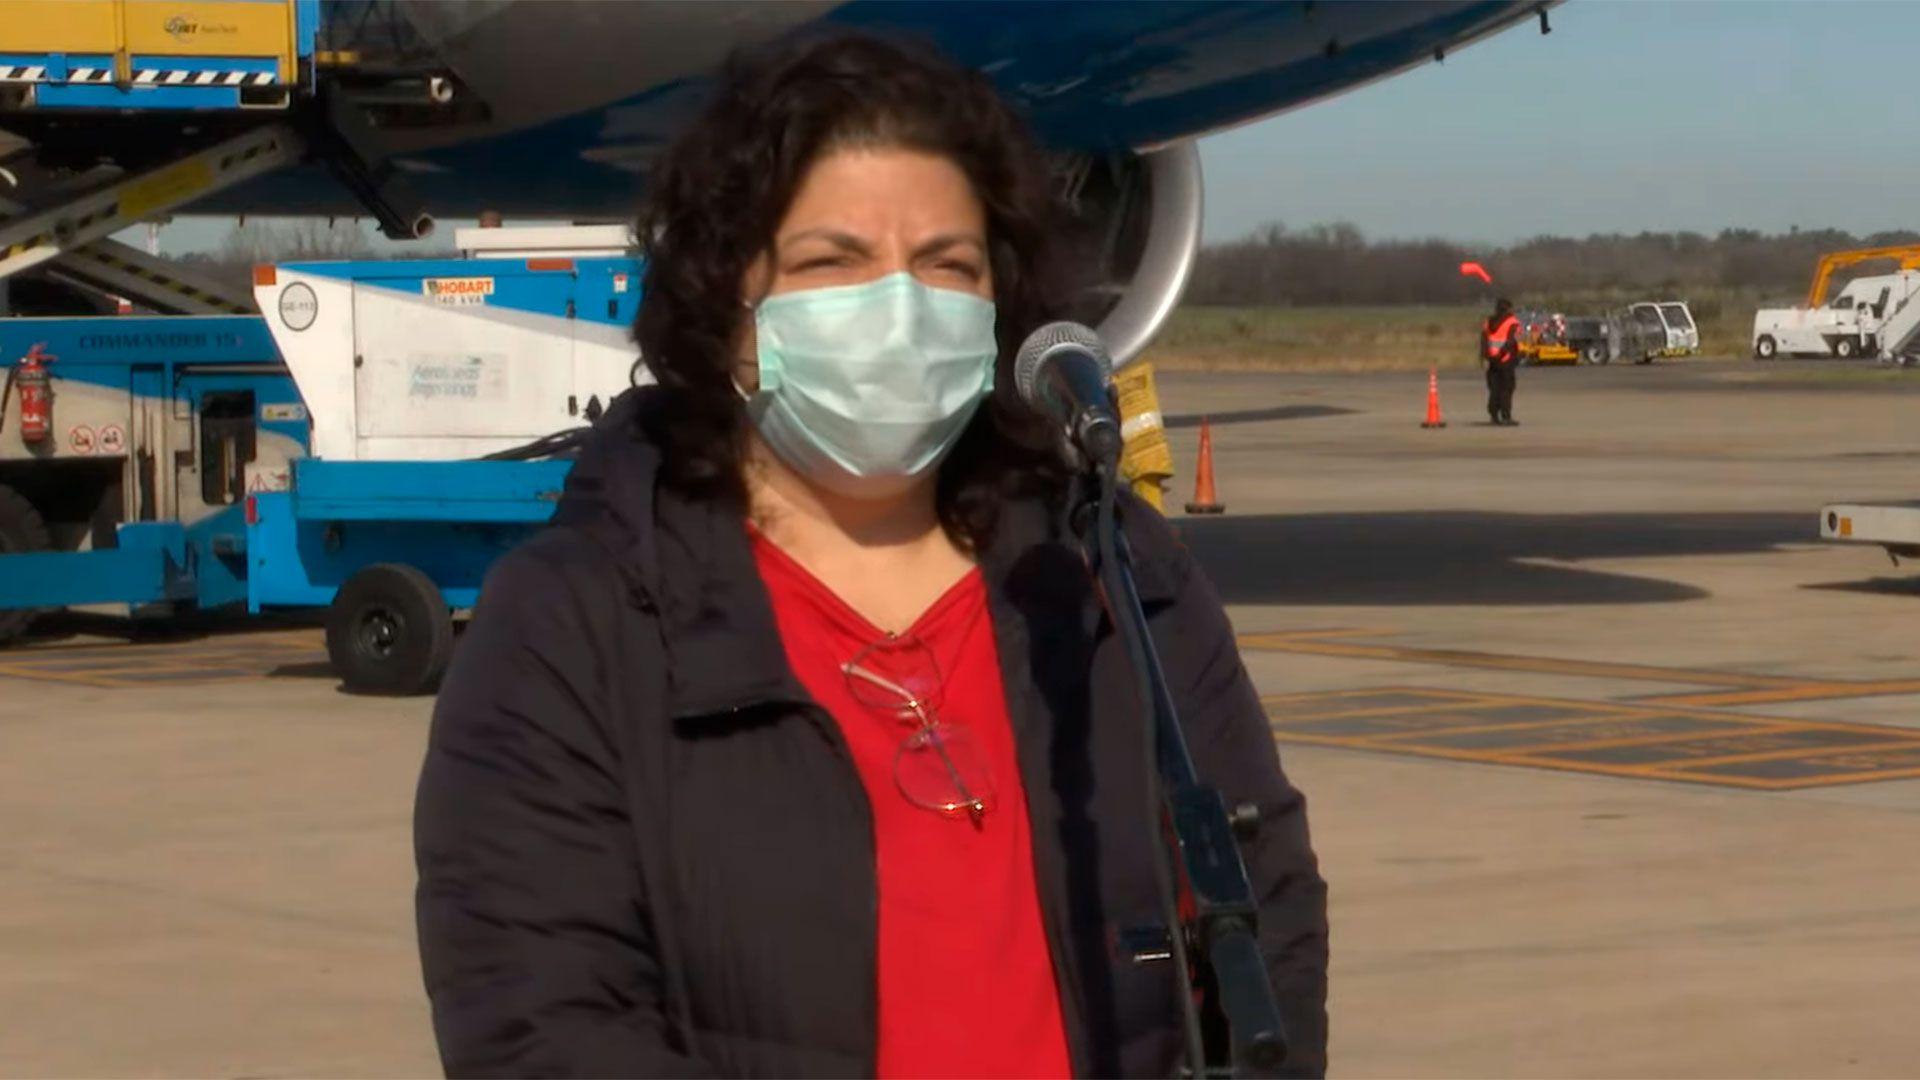 Conferencia de la ministra Vizzotti al llegar de Rusia en un vuelo con dosis de vacunas Sputnik